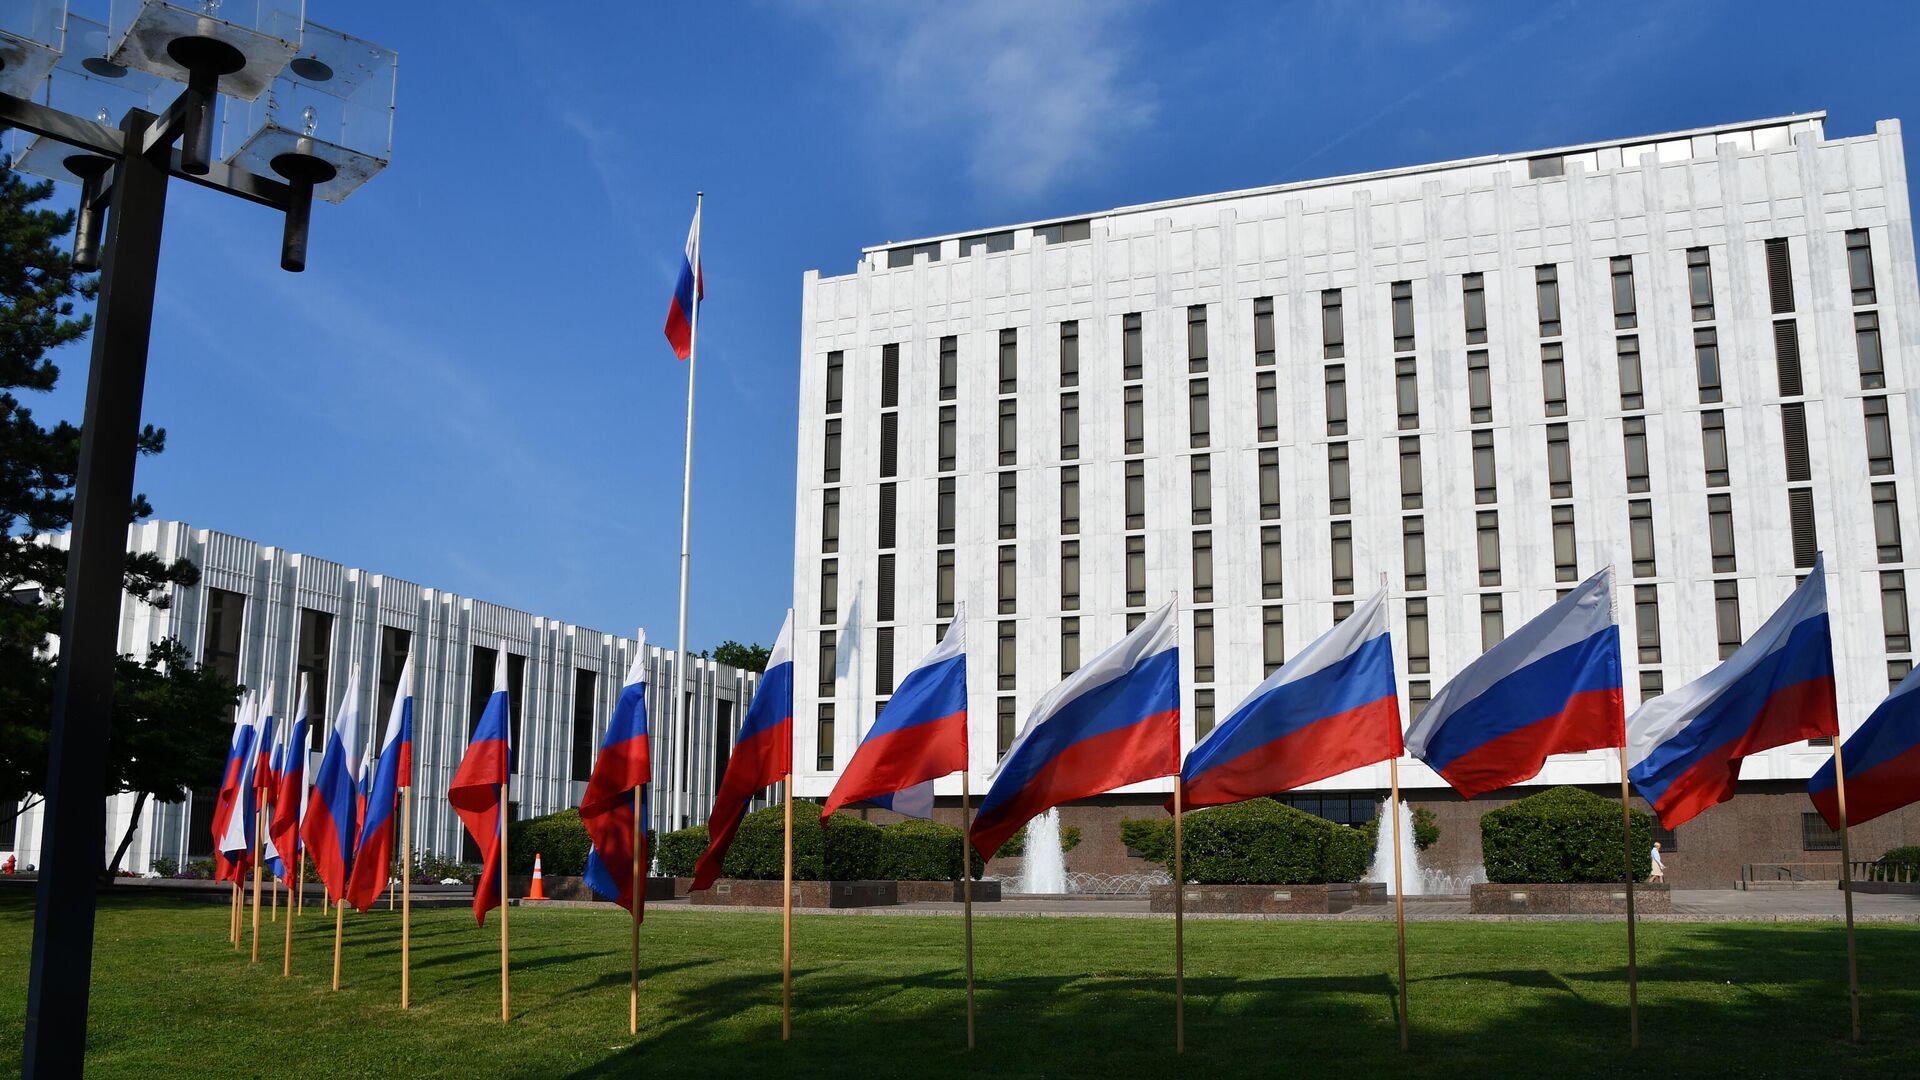 Флаги перед зданием посольства РФ в Вашингтоне - РИА Новости, 1920, 20.07.2021